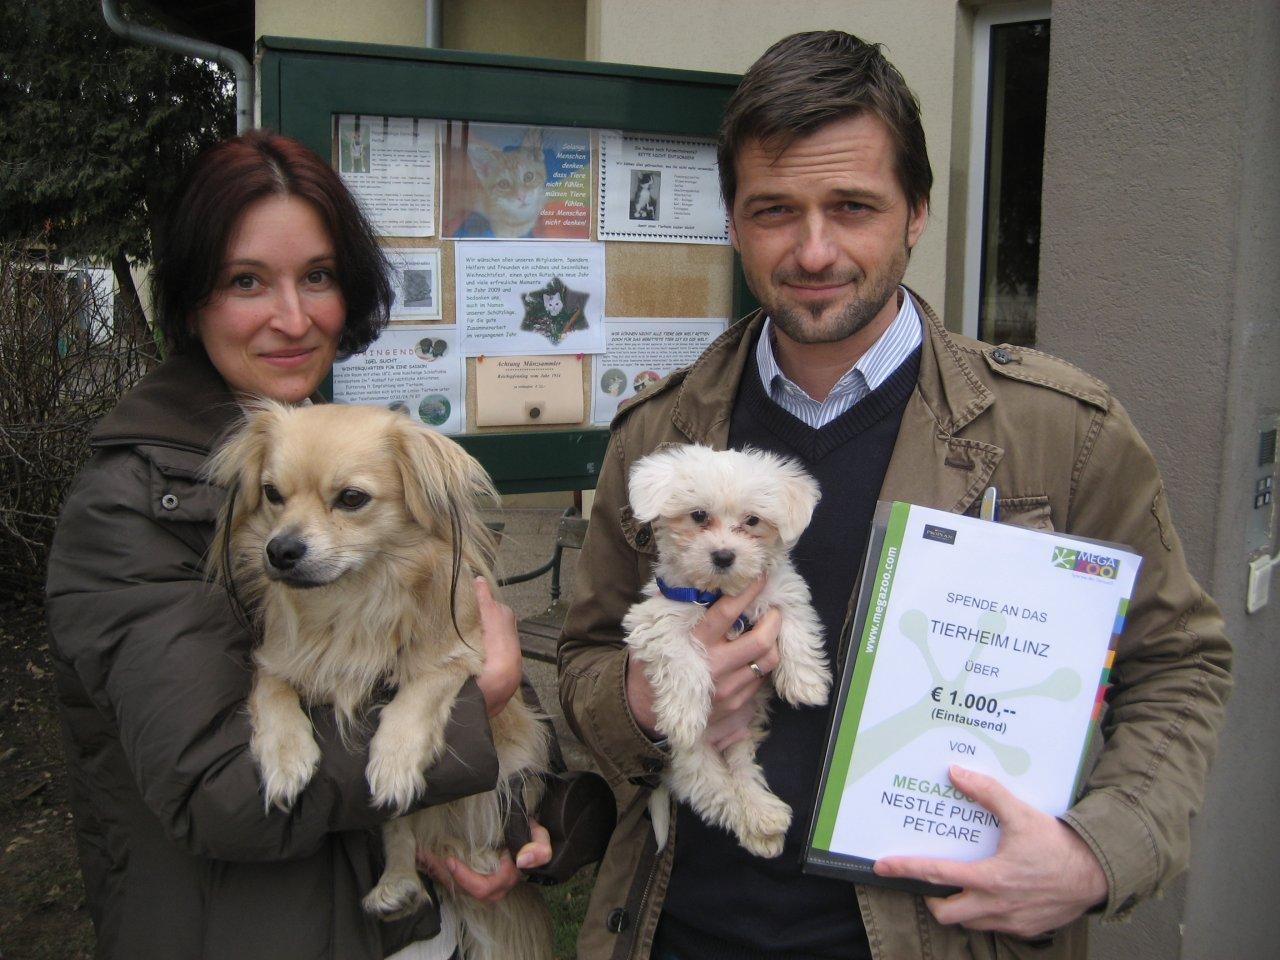 Megazoo österreich Und Nestle Purina Pet Care Spenden 10000 Euro